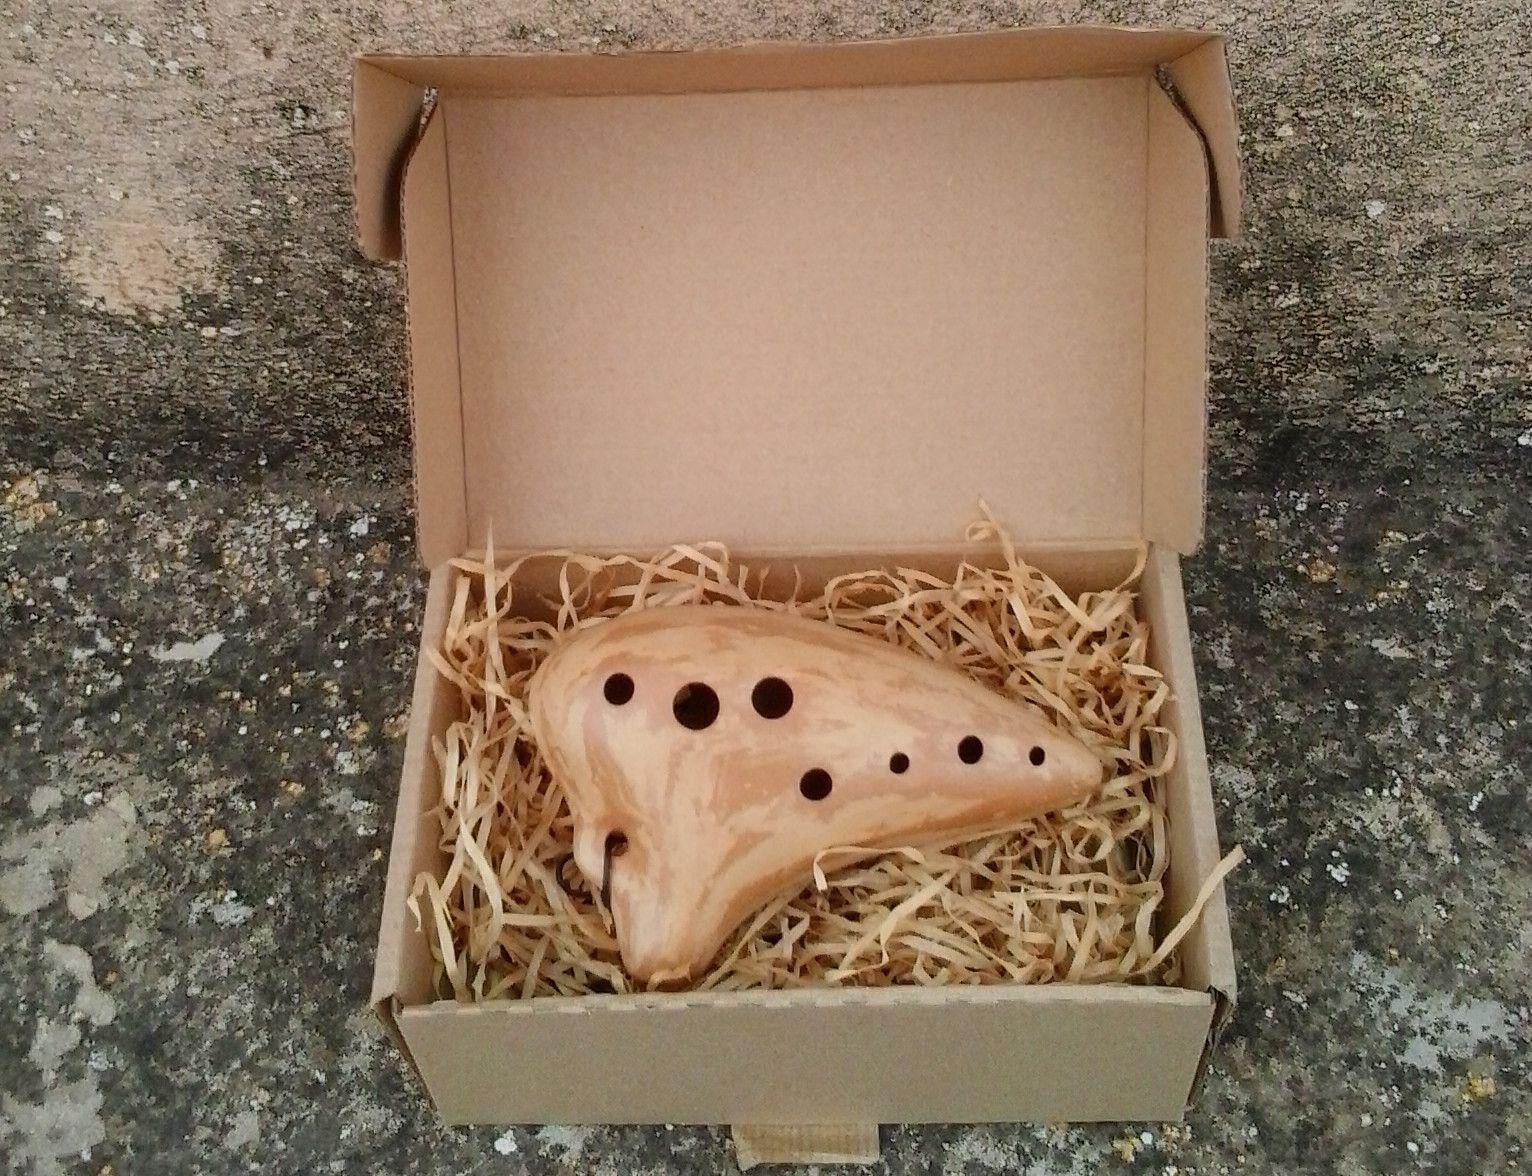 Más ideas sobre qué guardar en la caja de huevo campero Pazo de Vilane